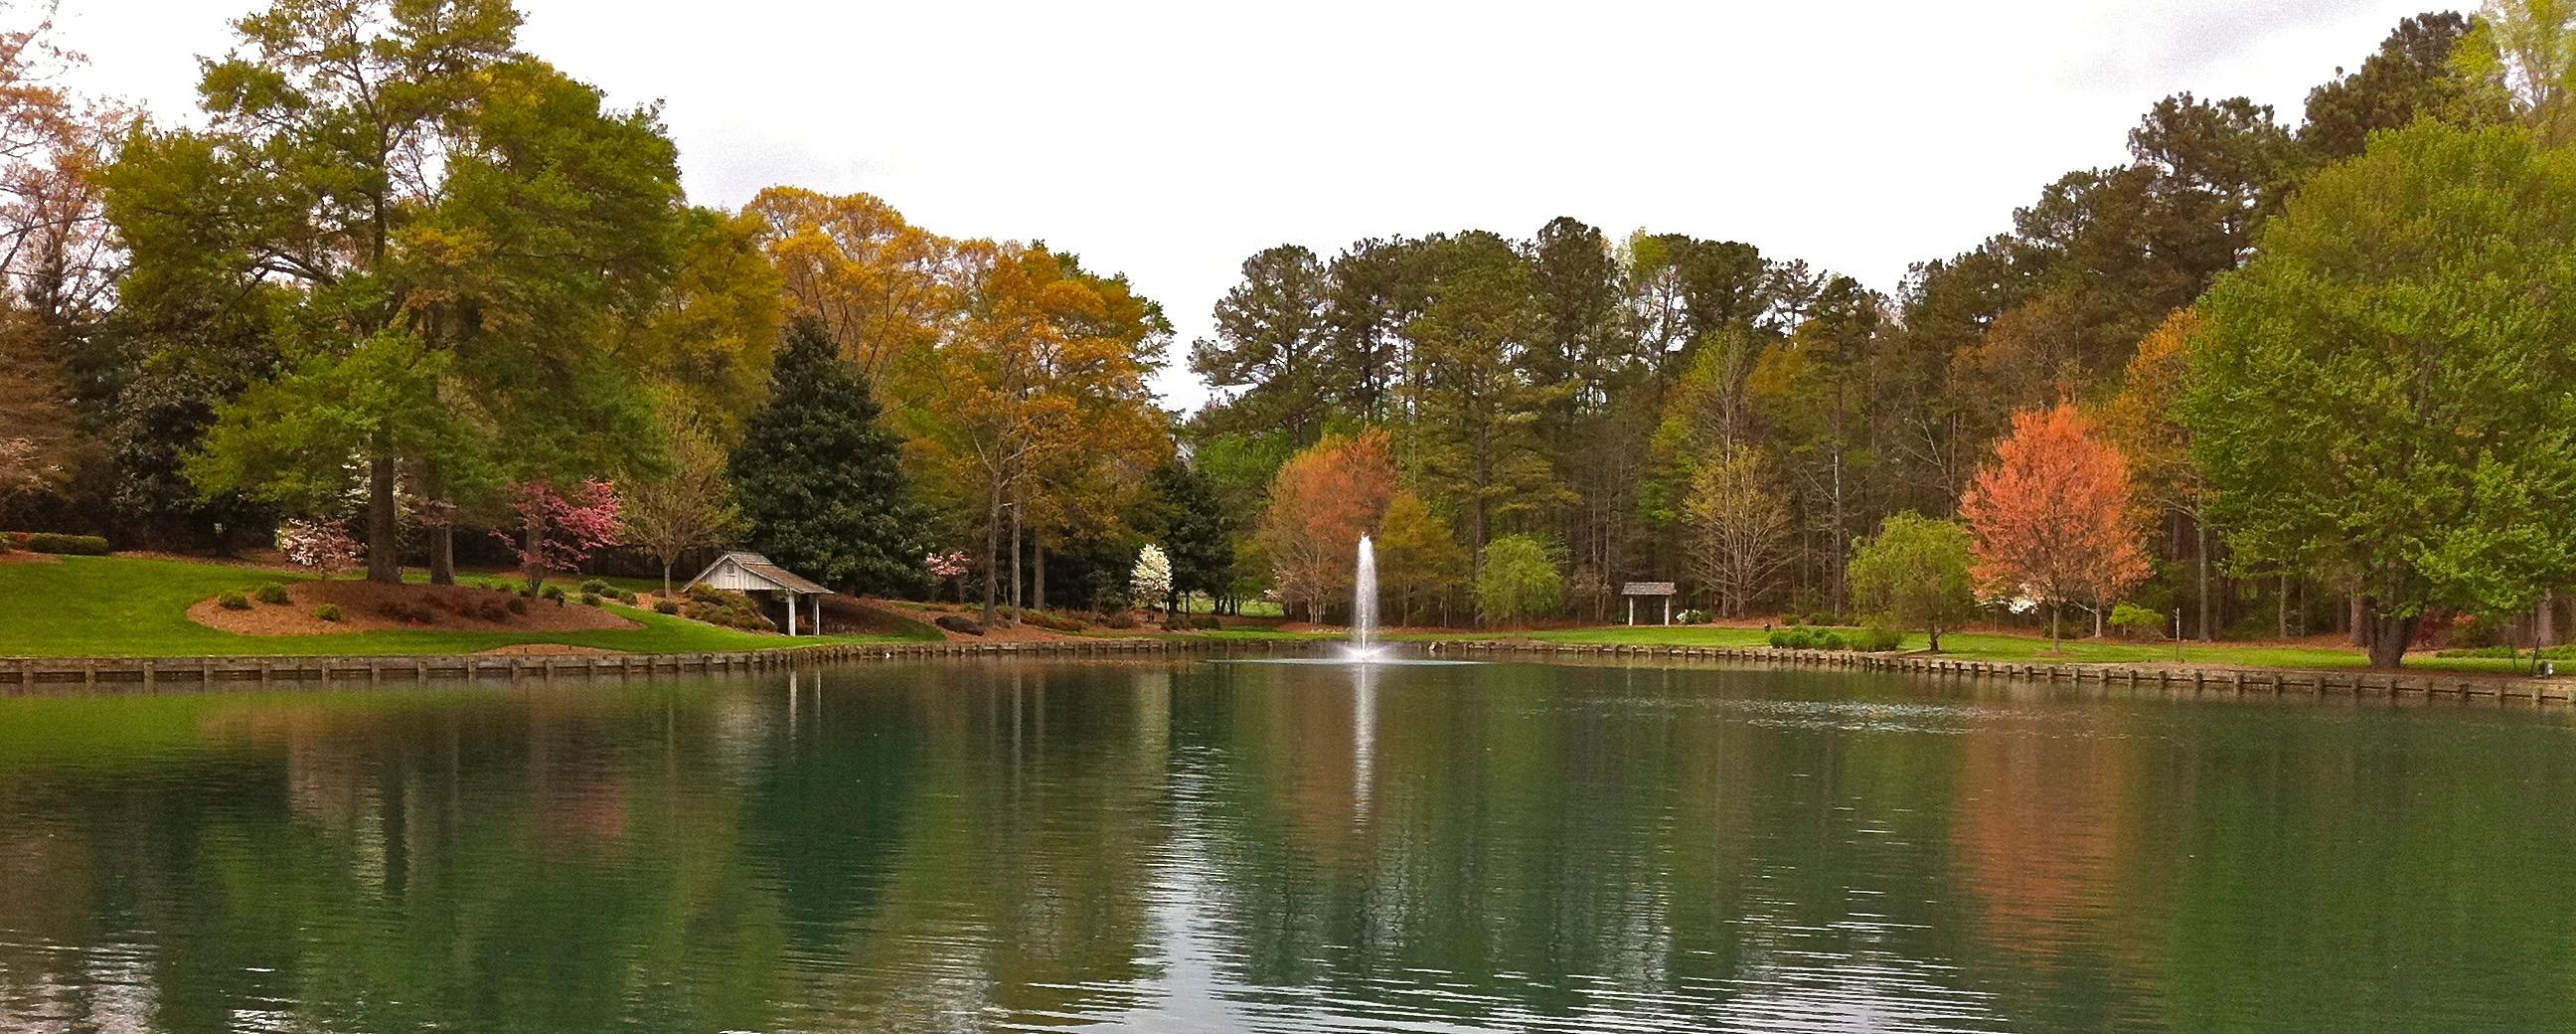 lake stocking